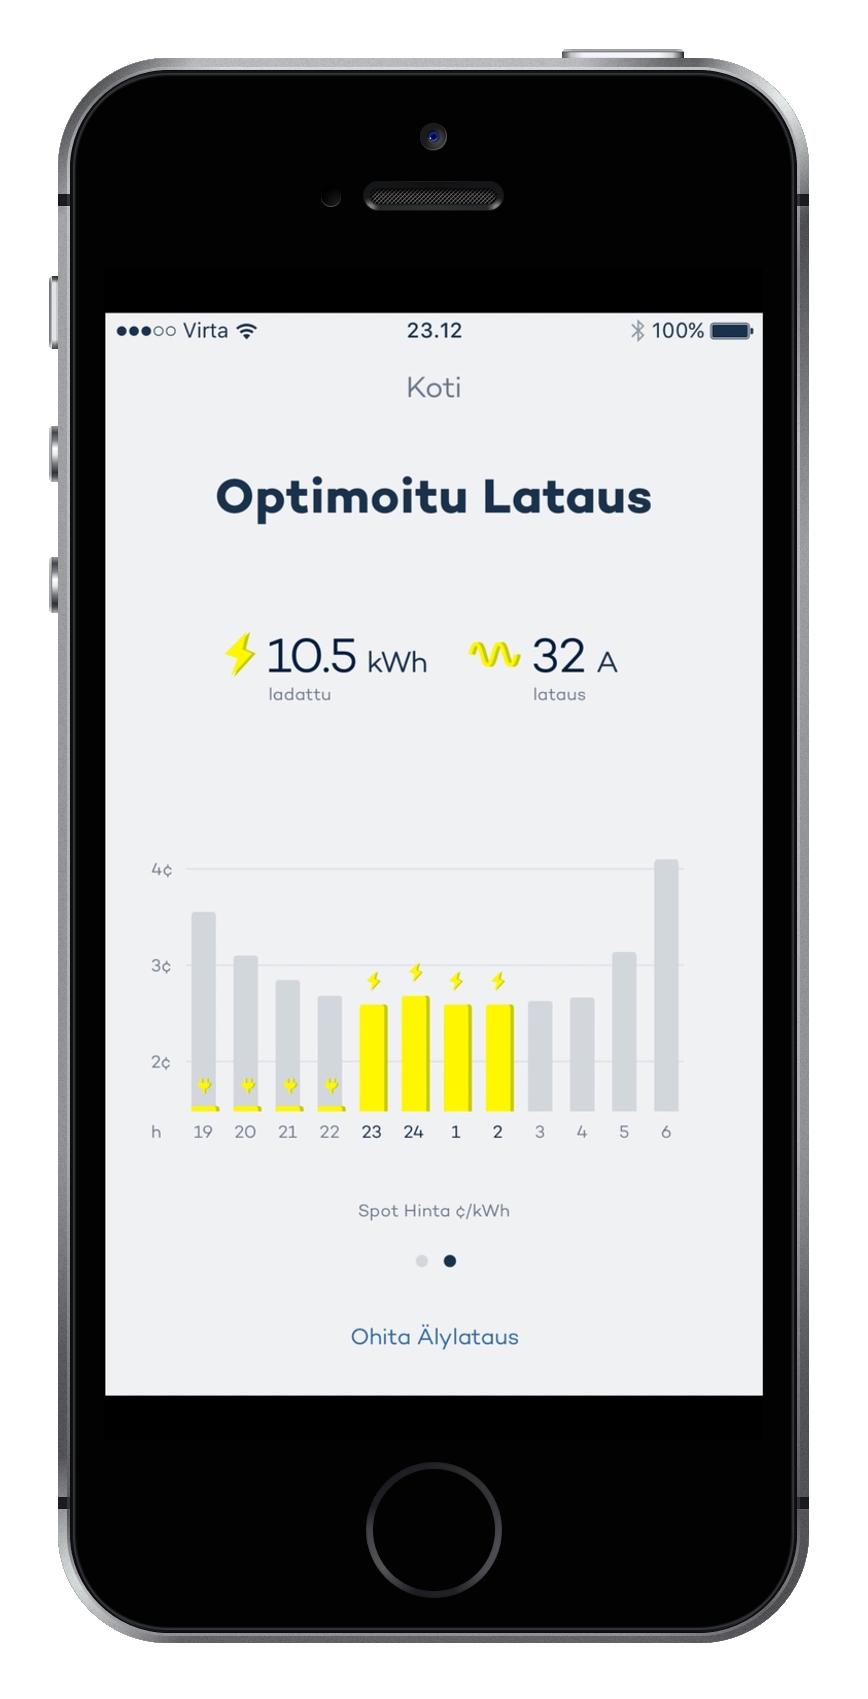 Fi_VirtaKoti_app_screen5.png